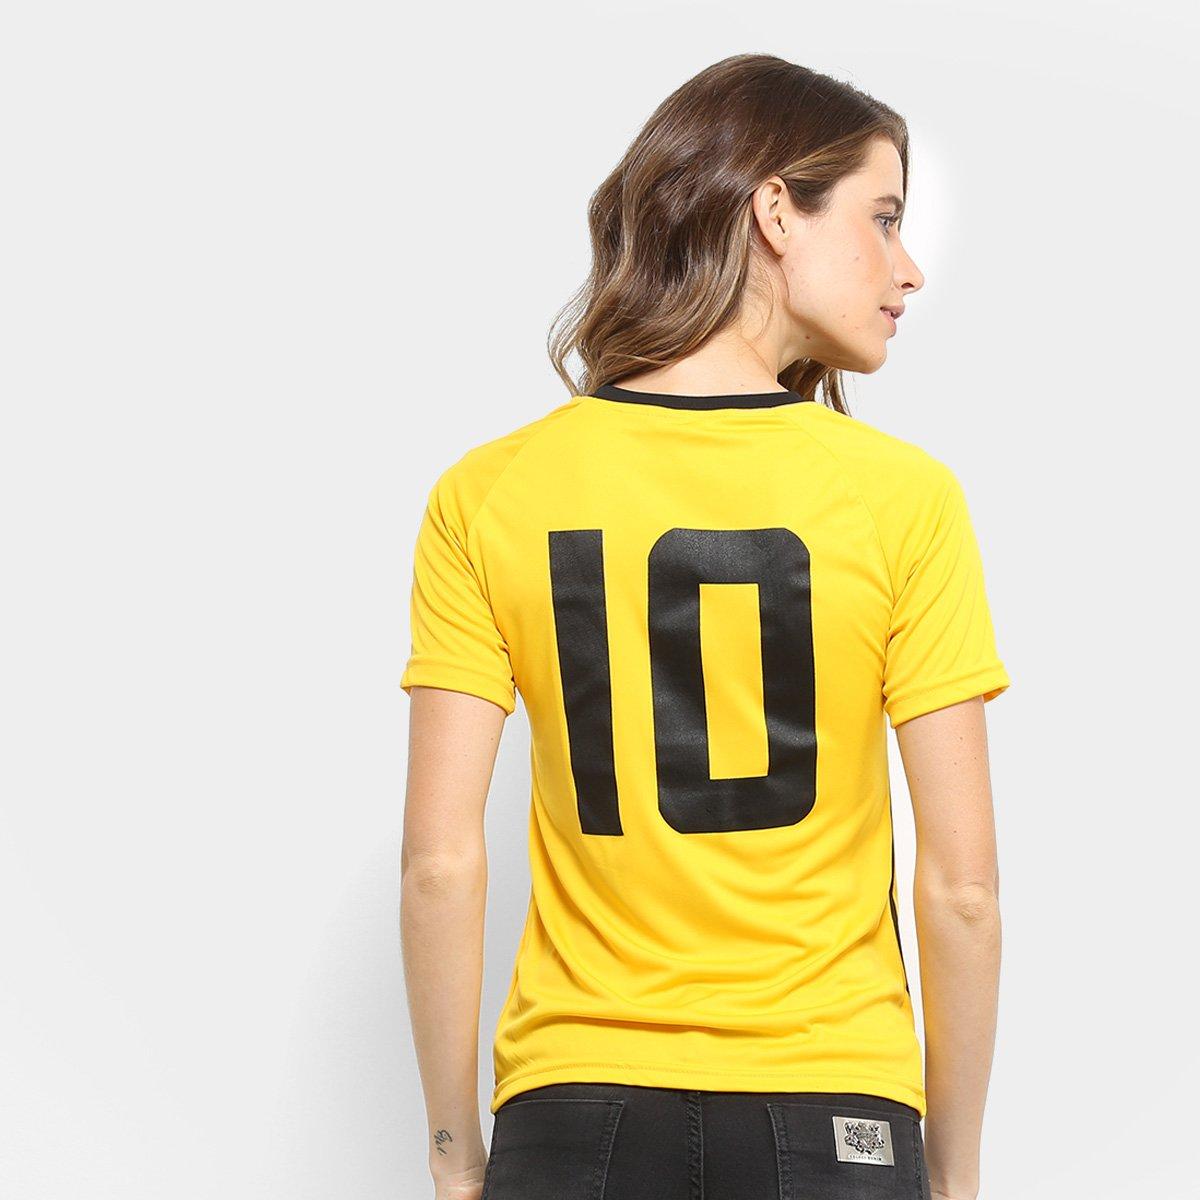 Amarelo Sport Camisa Recife 10 Limitada 2011 Feminina n° Edição Tn8nwqdC